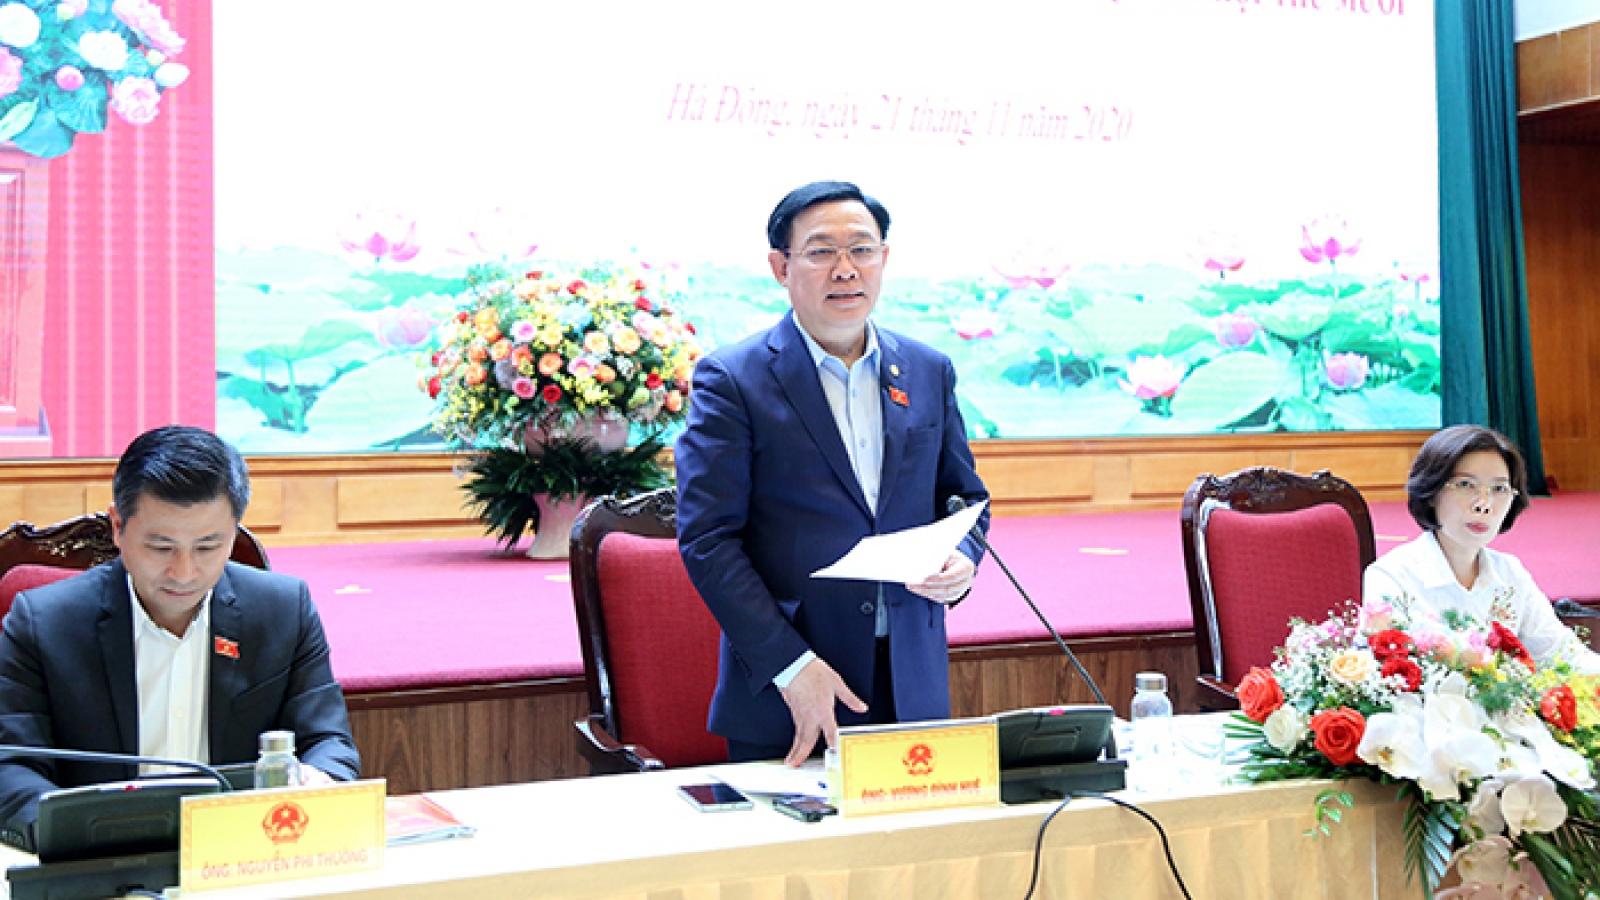 Bí thư Hà Nội tiếp xúc cử tri: Tháng 12 sẽ vận hành thử đường sắt Cát Linh-Hà Đông